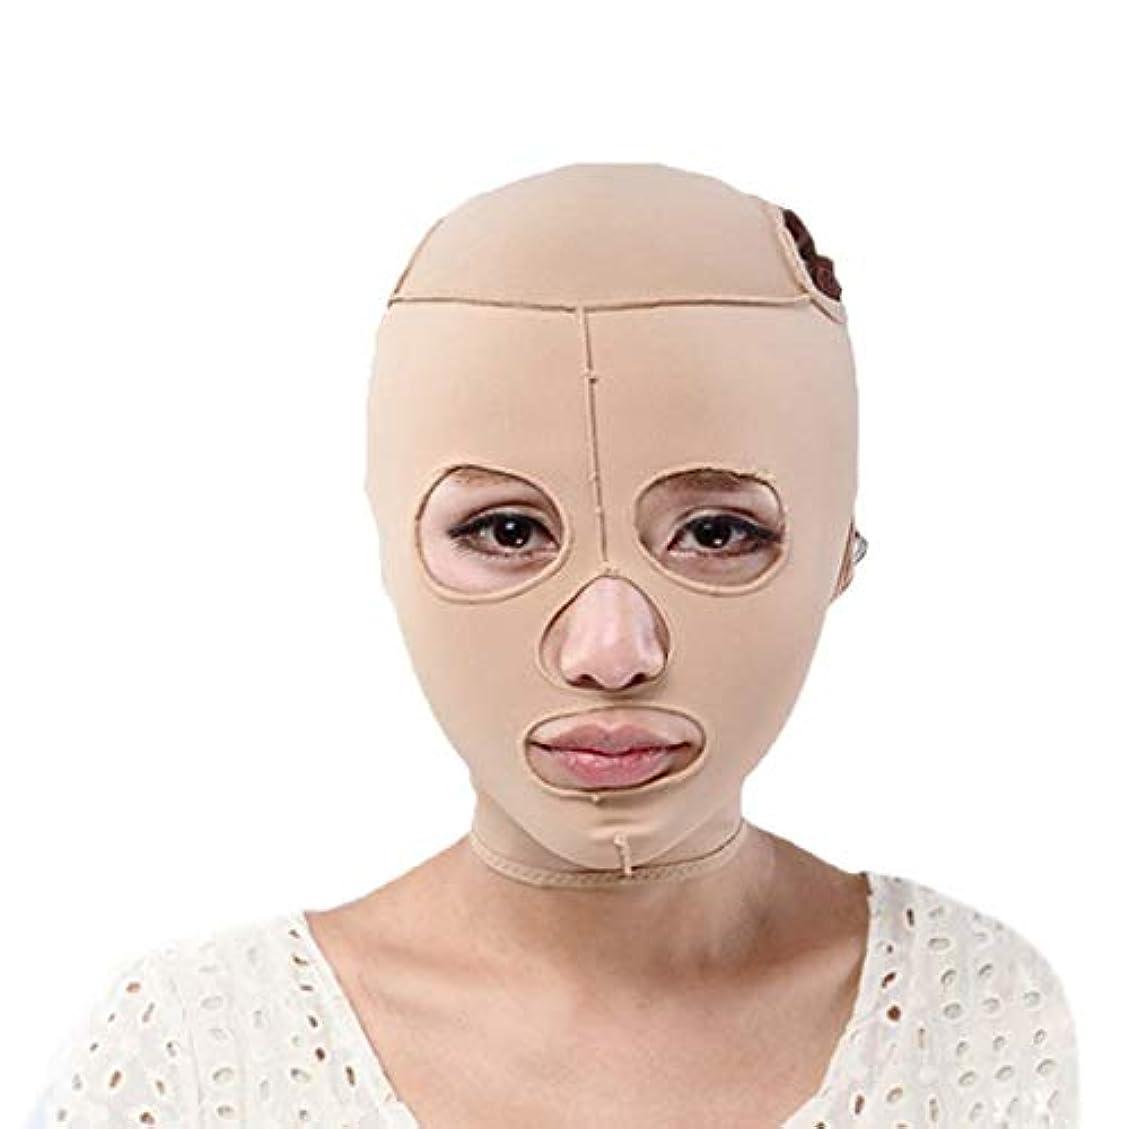 バイオレットリズミカルなトークチンストラップ、顔の減量アンチシワマスク、快適な通気性マスク付きオールインクルーシブフェイス、薄型フェイスマスクリフティング包帯引き締め(サイズ:S),XL